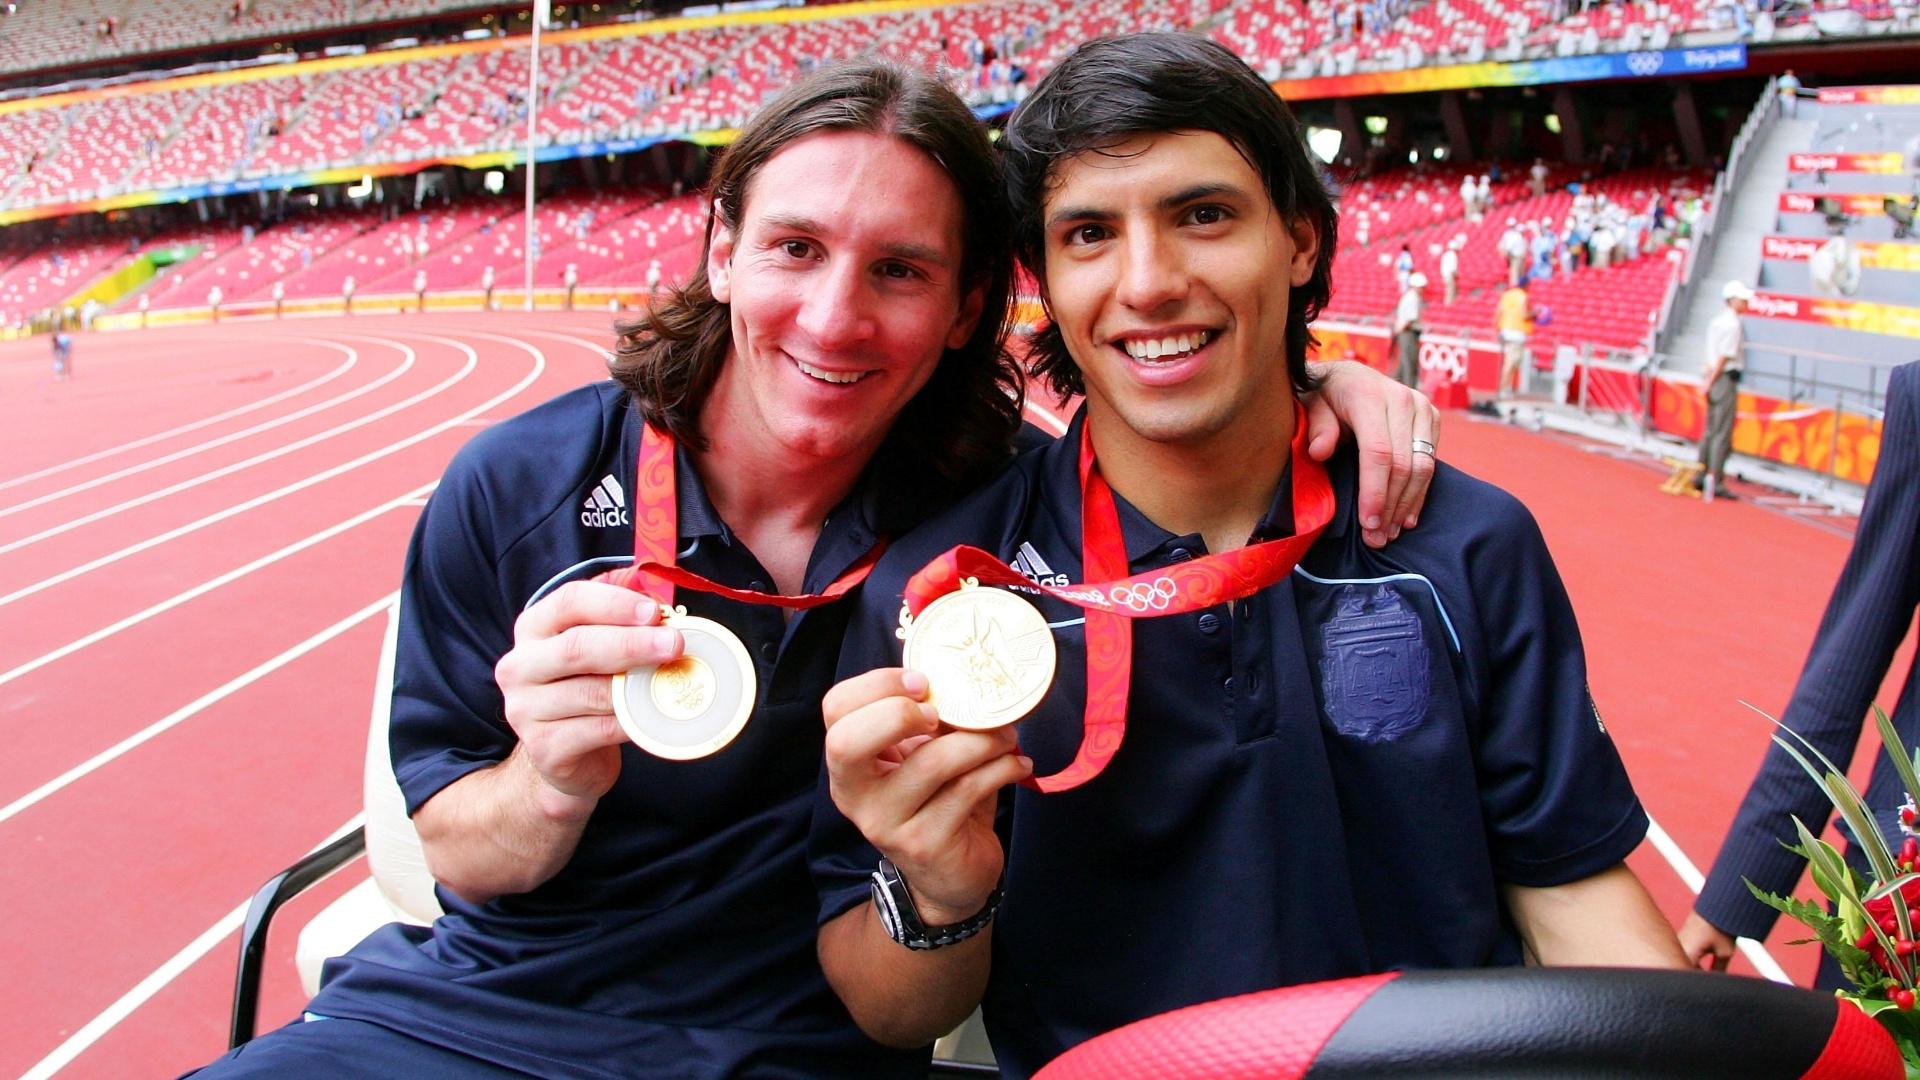 Lionel Messi e Sergio Aguero, da Argentina, comemoram a conquista do ouro olímpico em Pequim, em 2008